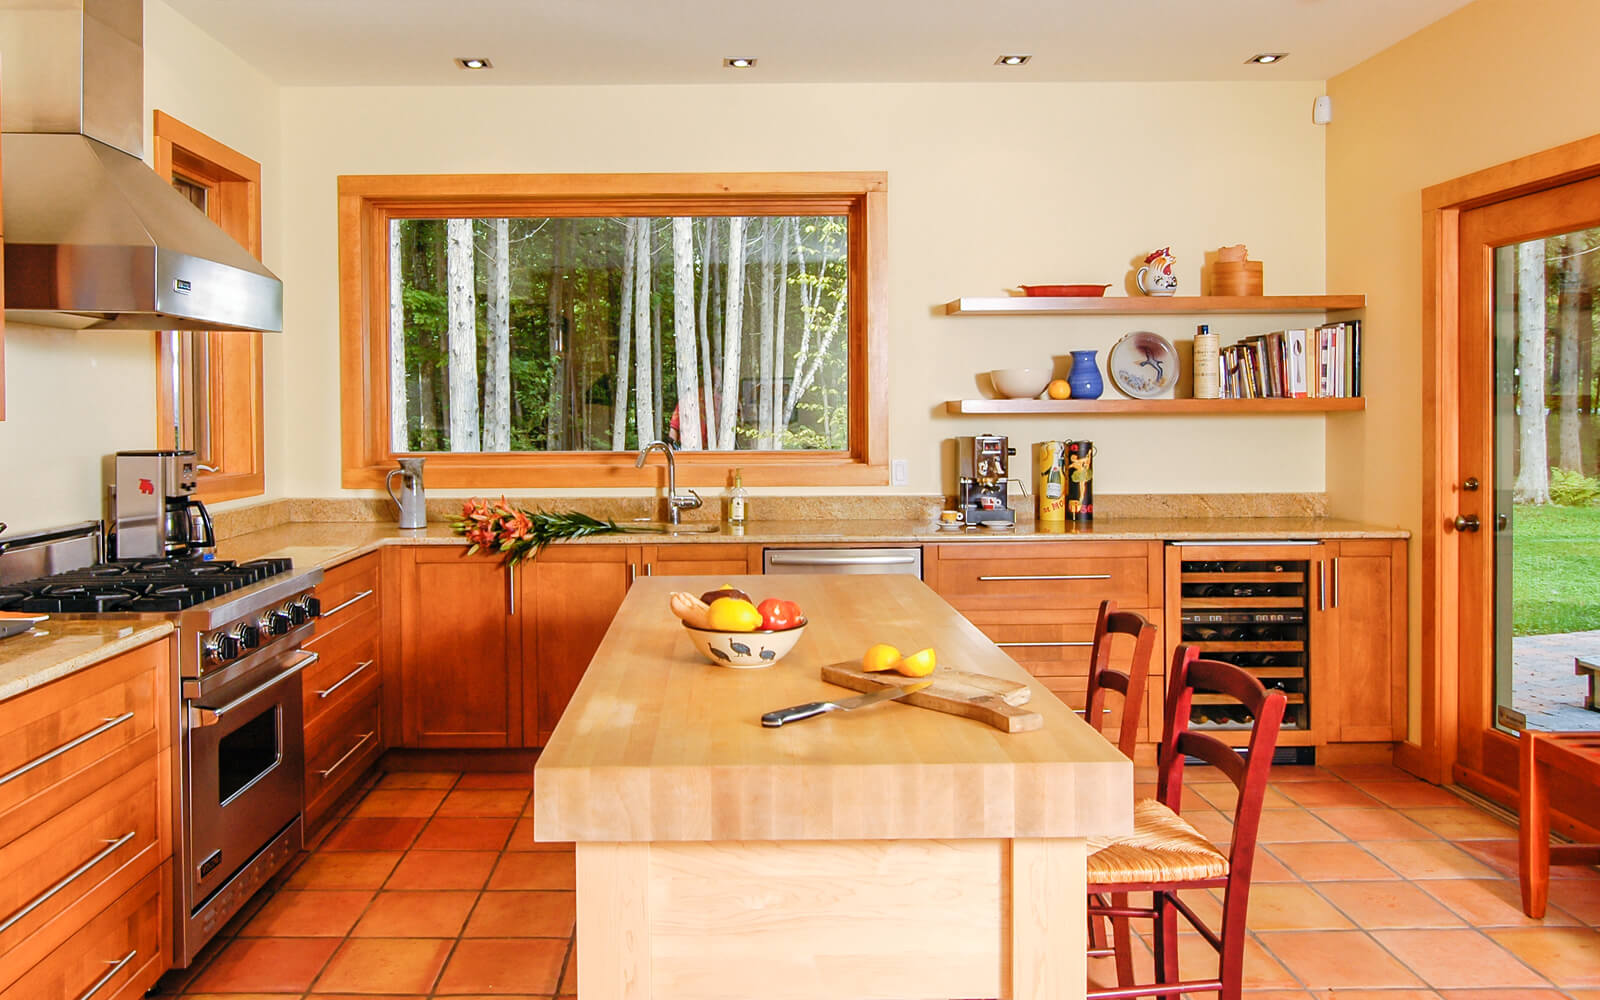 Rénovation d'une cuisine inspirée par la nature